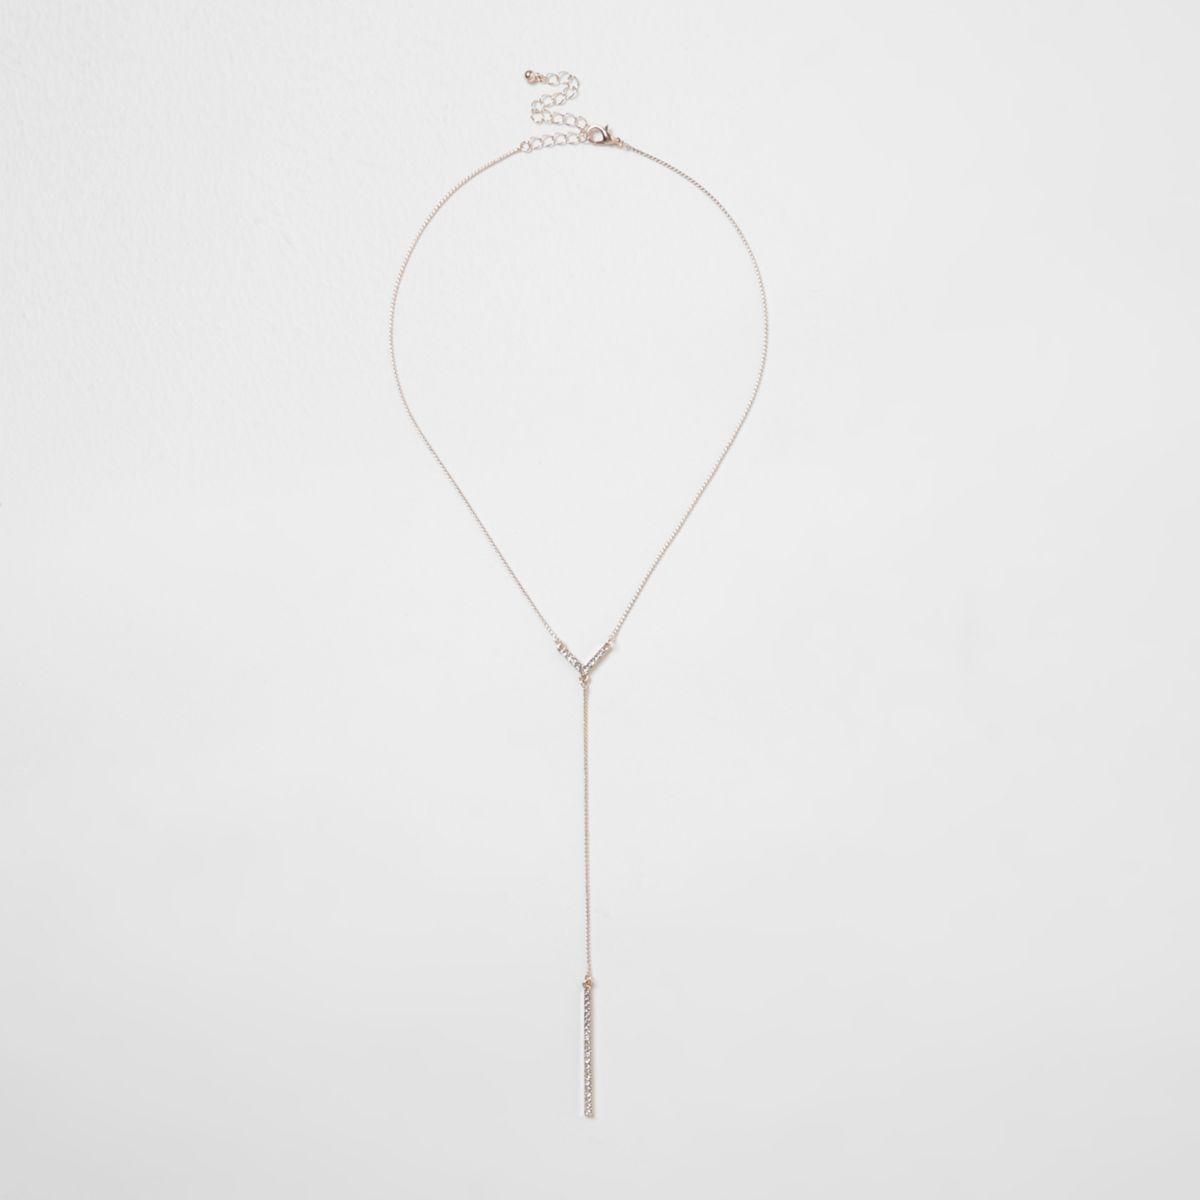 Rose gold tone diamante encrusted Y necklace